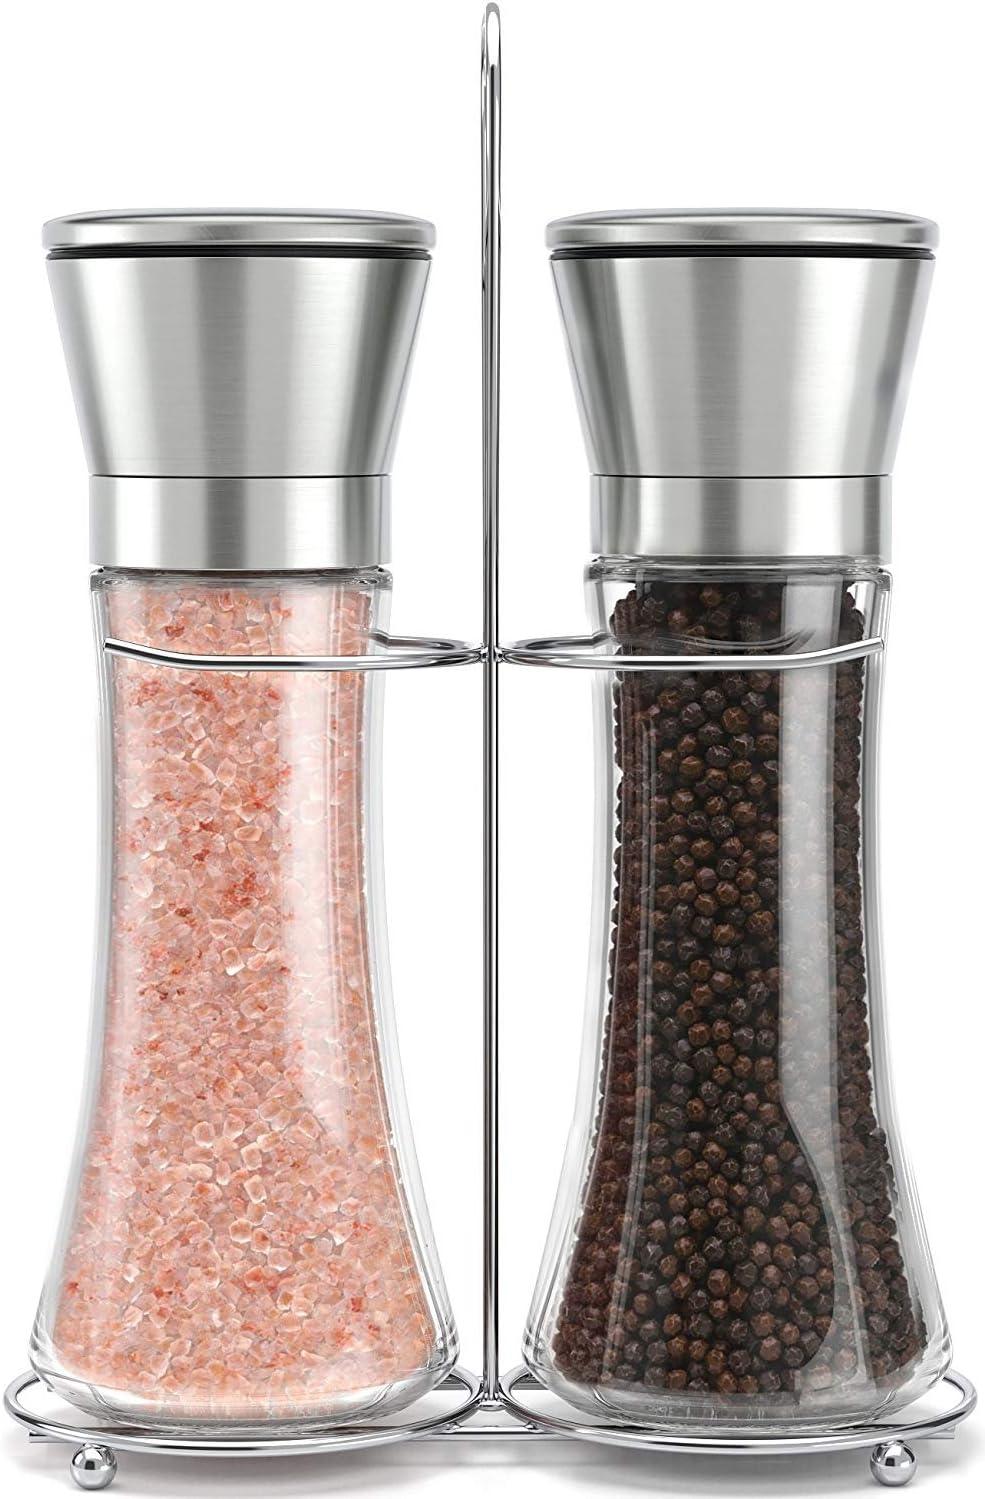 /altezza macinini per sale e pepe con grana regolabile/ /Macinino per sale e pepe shaker set Xelparucts originale in acciaio INOX set macina sale e pepe con supporto/